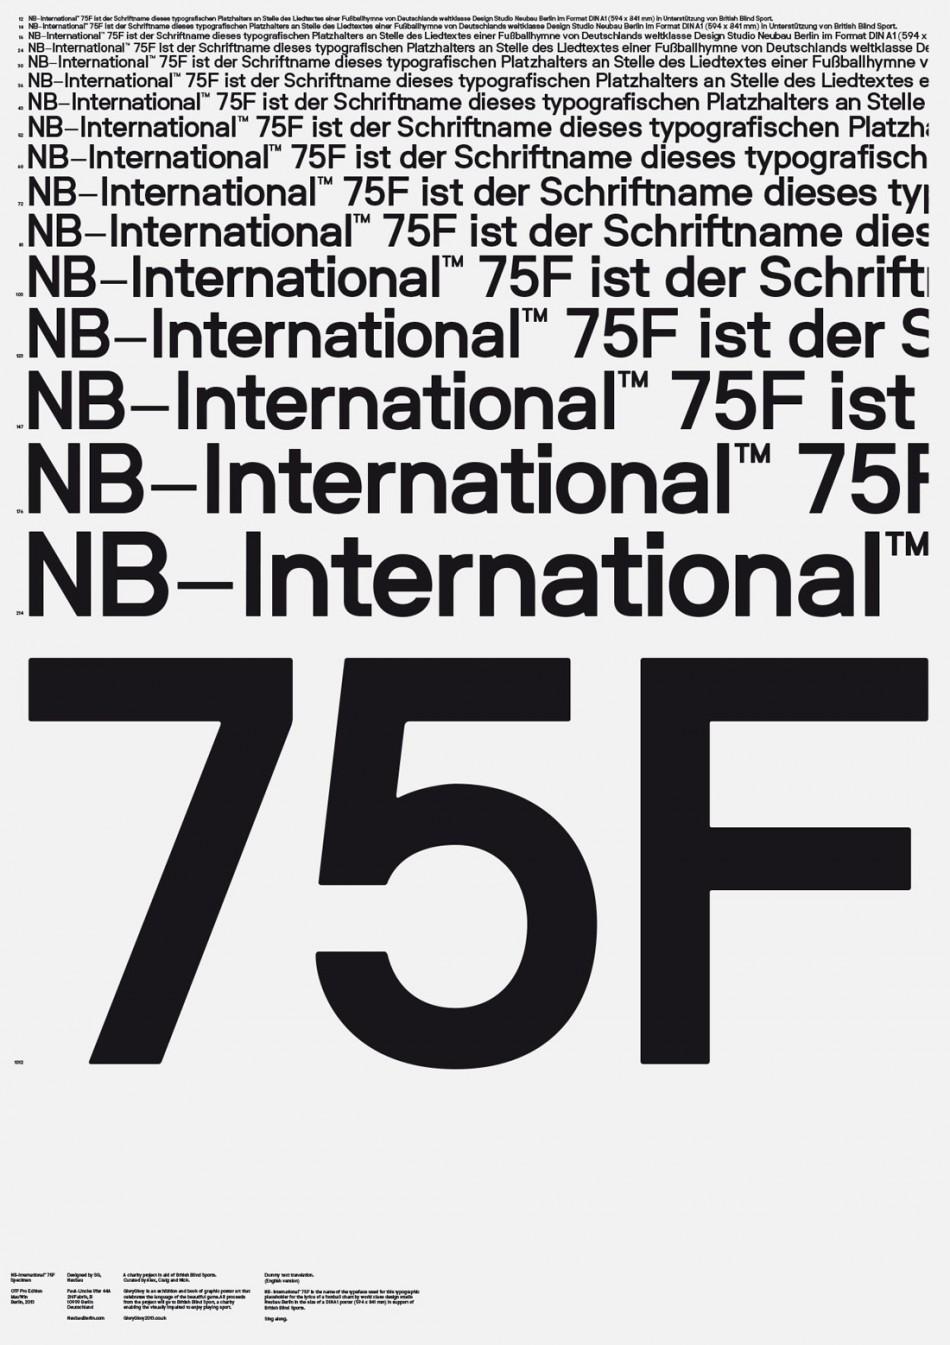 NBI75_GloryGlory-A1